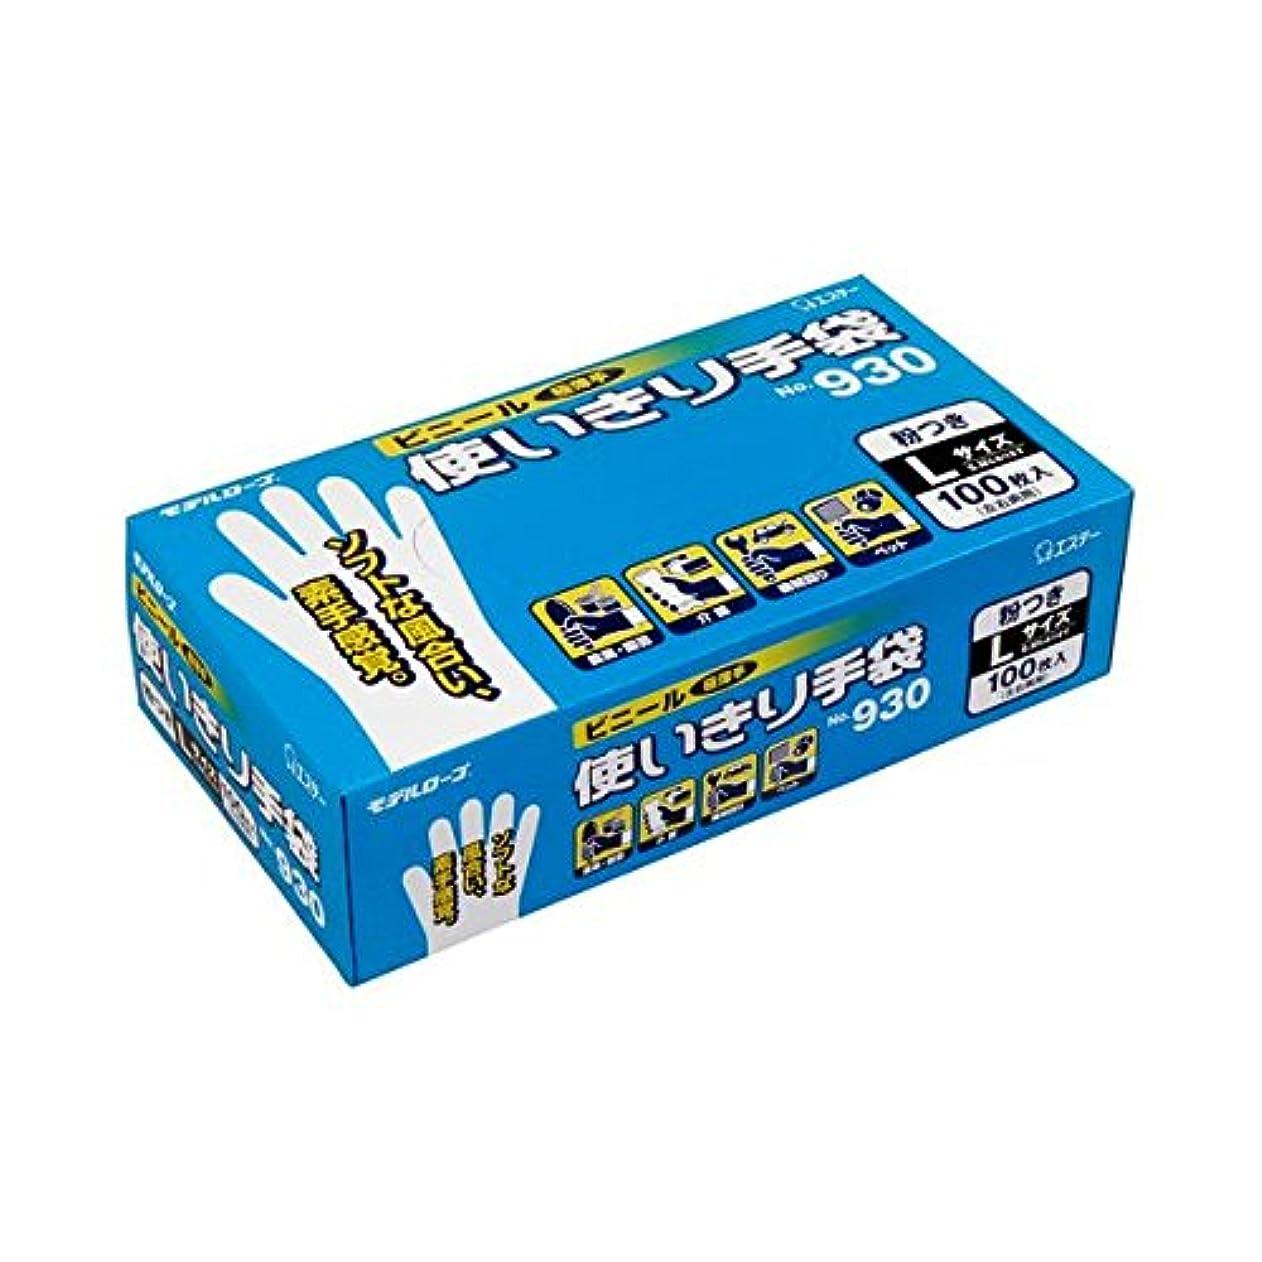 性交スキャンガソリンエステー No.930 ビニール使いきり手袋(粉付) L 1箱(100枚) (×5セット)